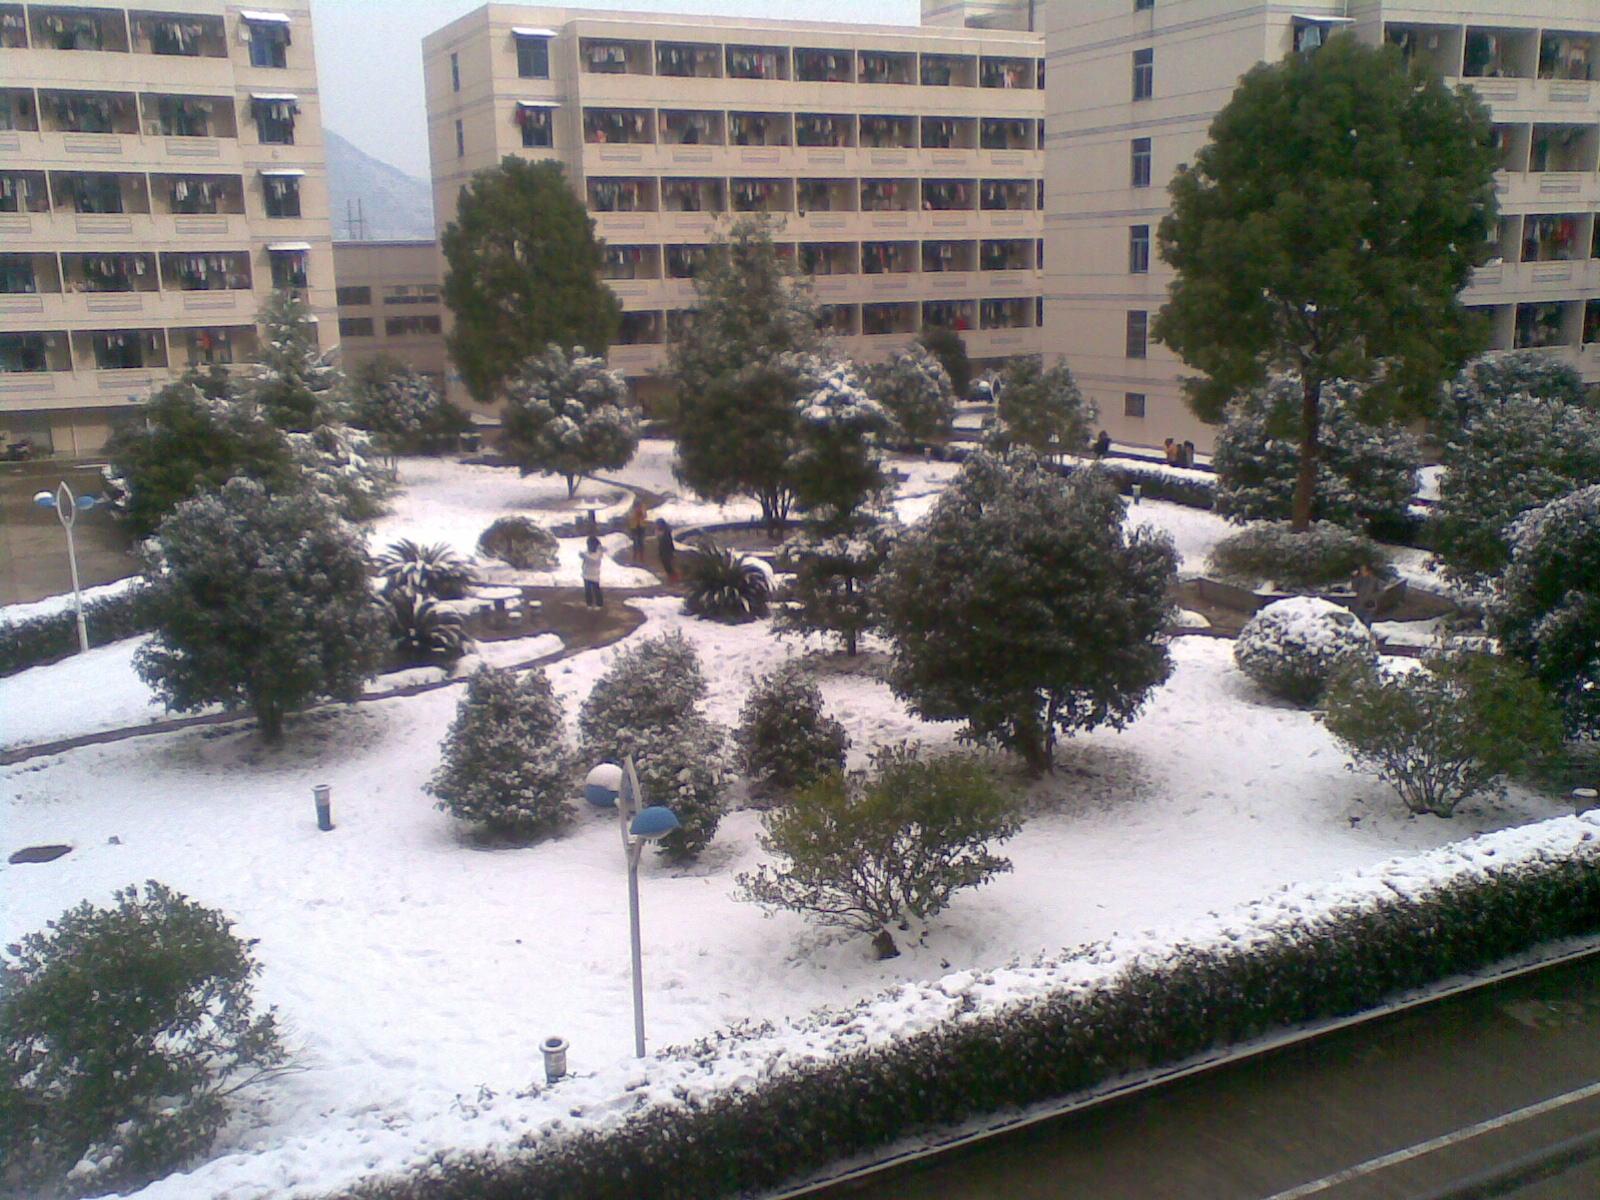 求台州学院临海校区宿舍图片,感激不尽!图片